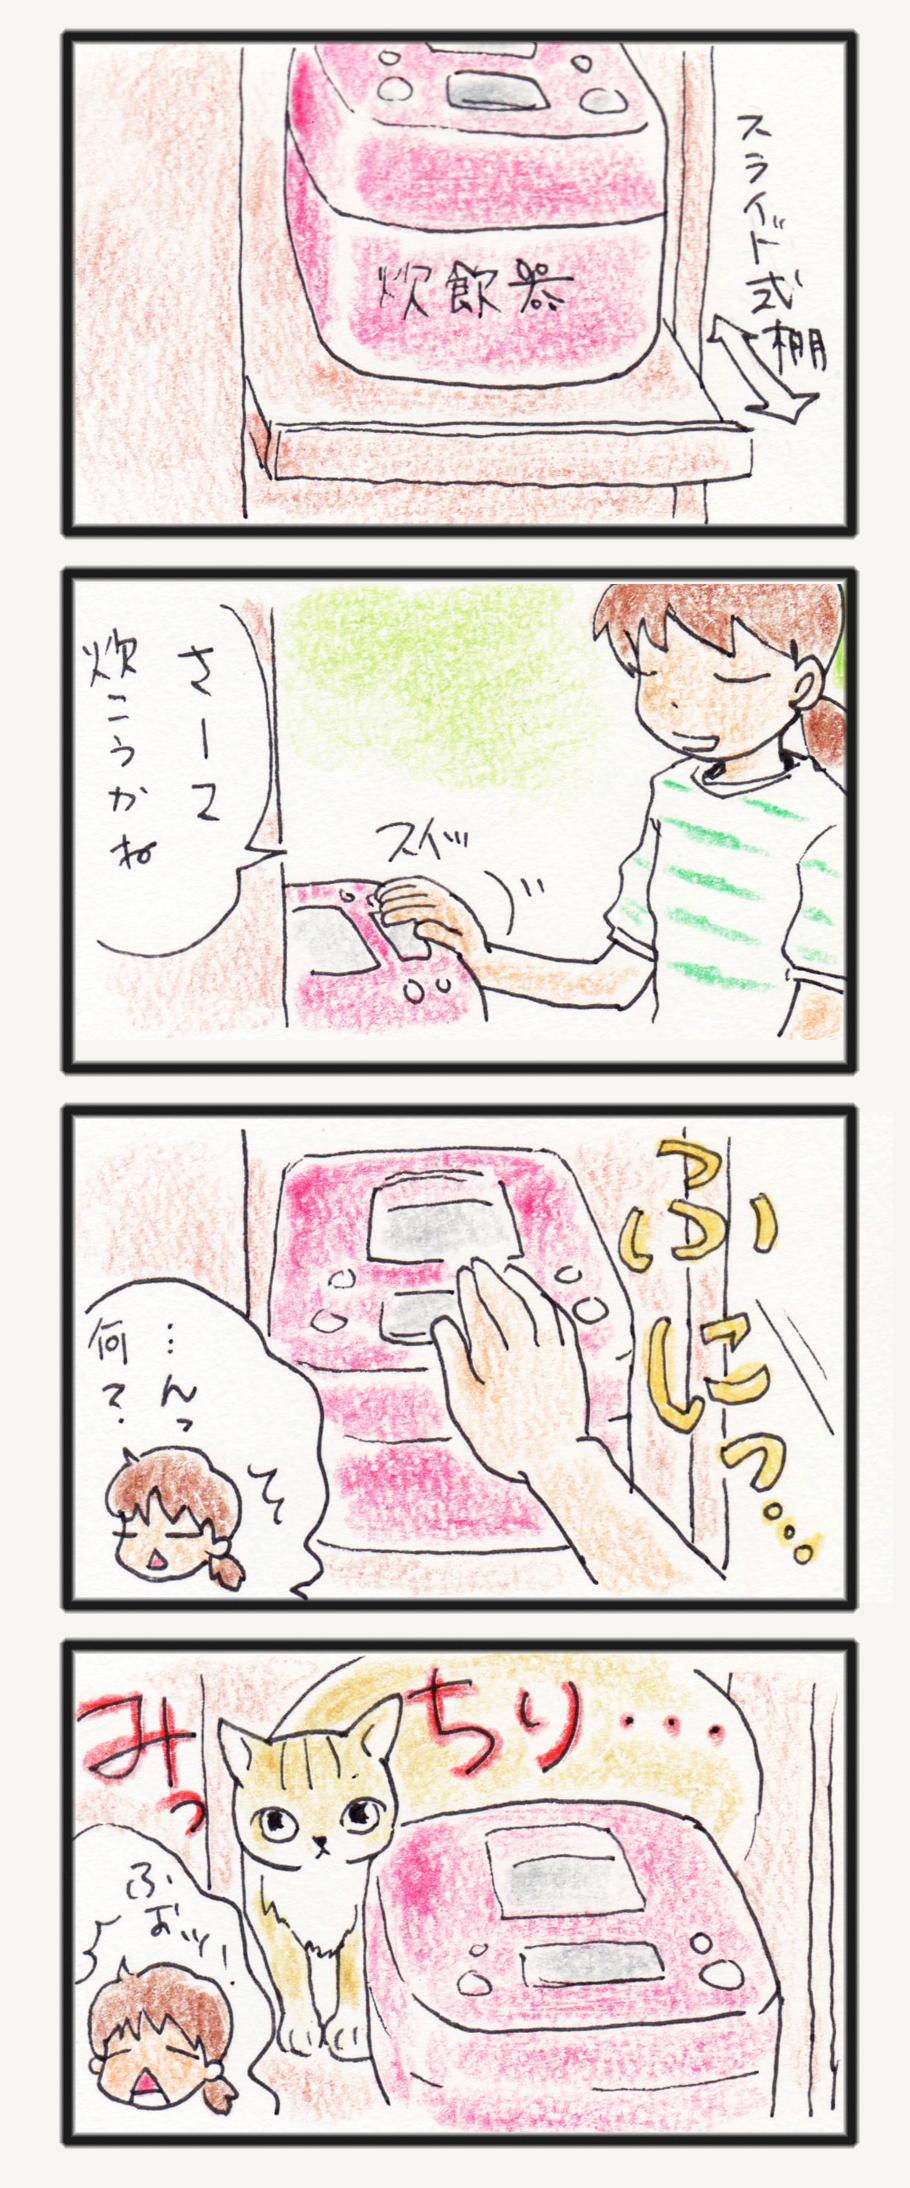 comic_4c_14052701.jpg